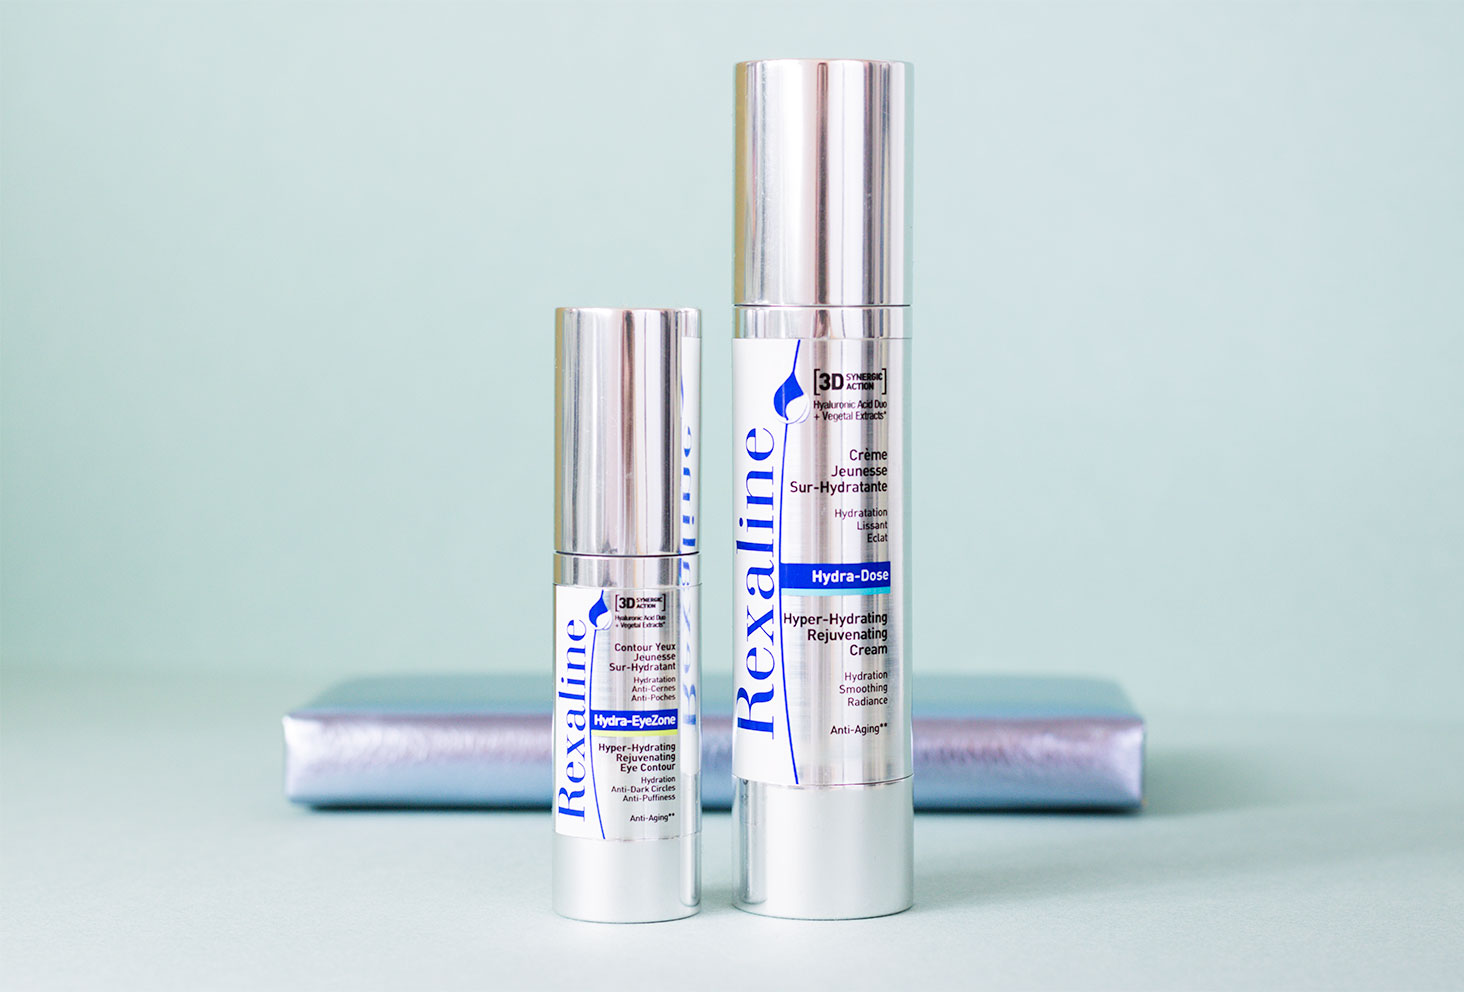 Zoom sur les packagings des produits soins visage de la marque Rexaline